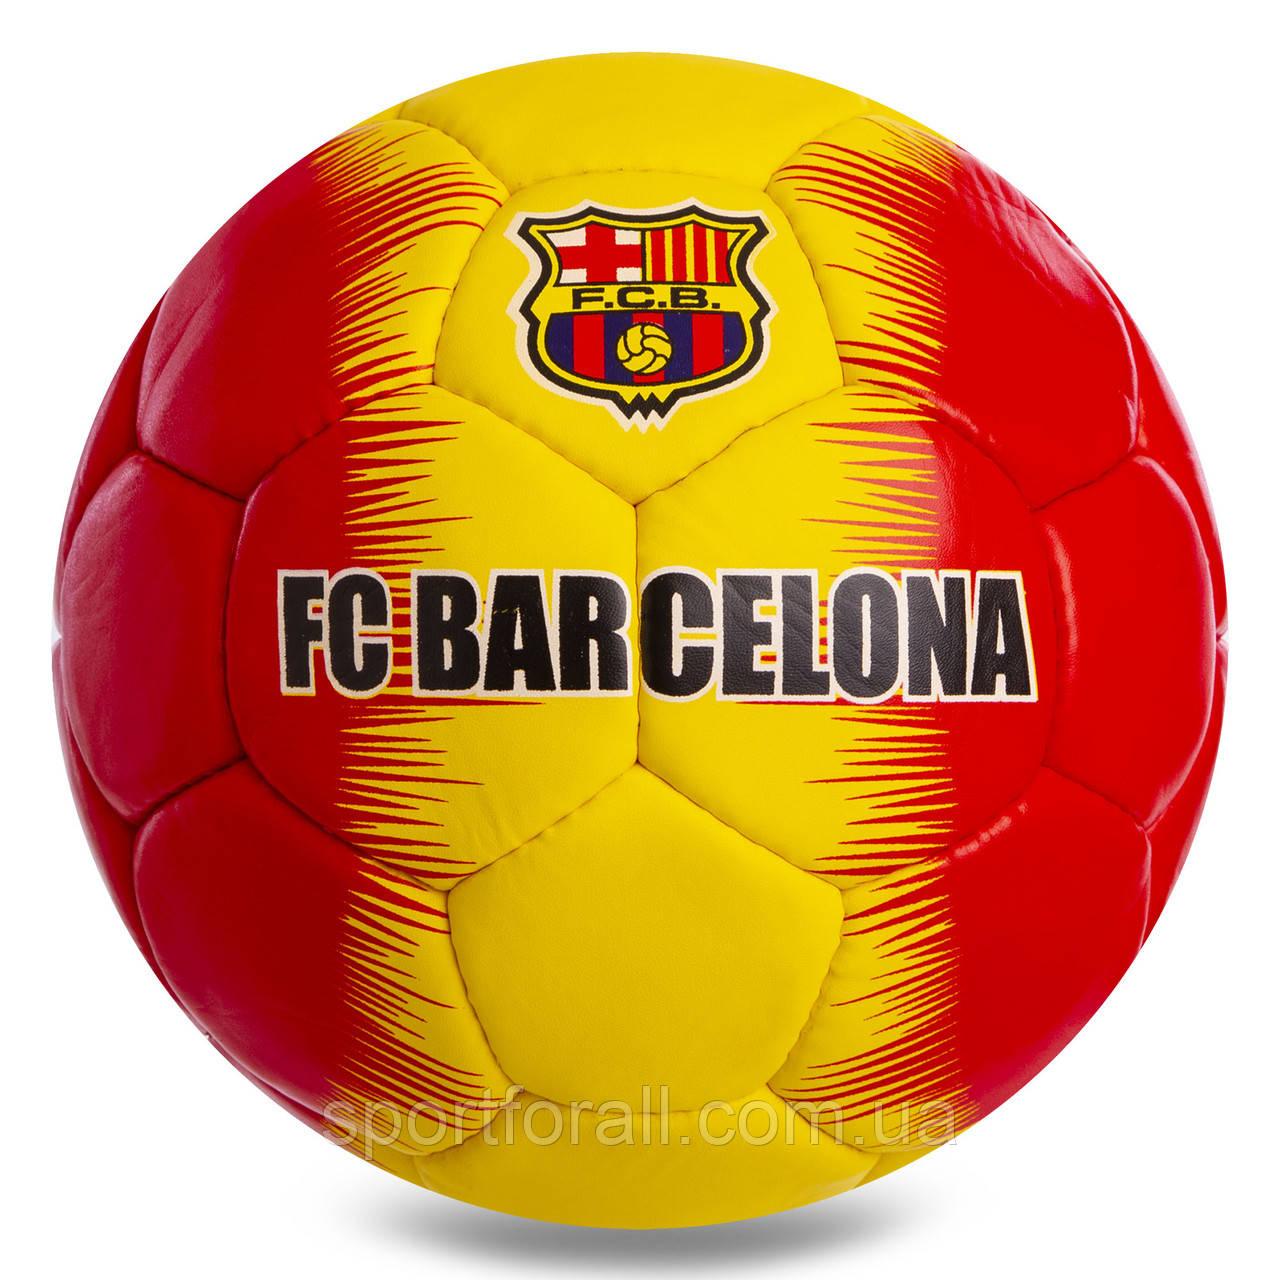 М'яч футбольний №5 BARCELONA FB-0822 (№5, 5 сл., зшитий вручну)